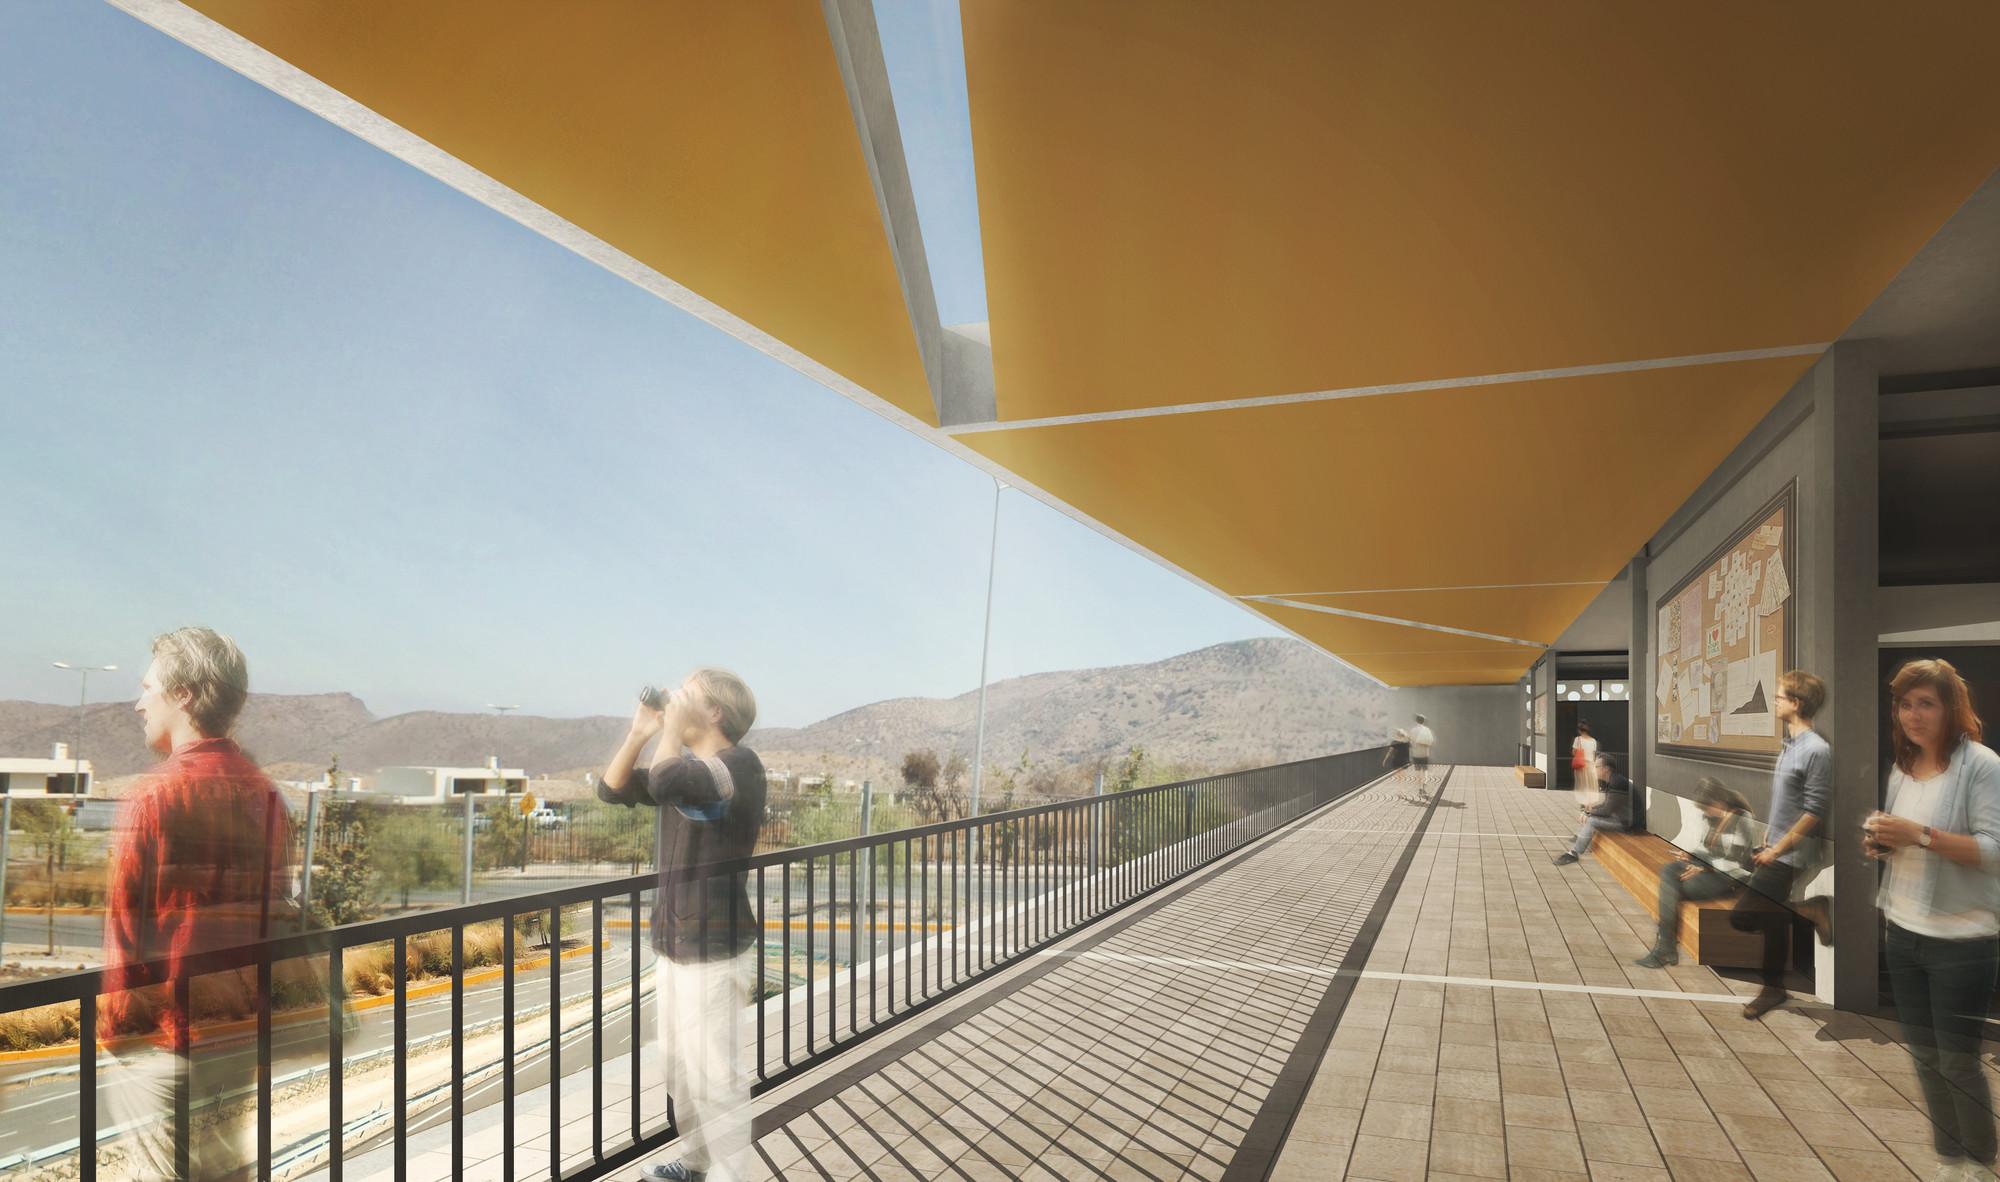 Mirador. Image Courtesy of MasFernandez Arquitectos